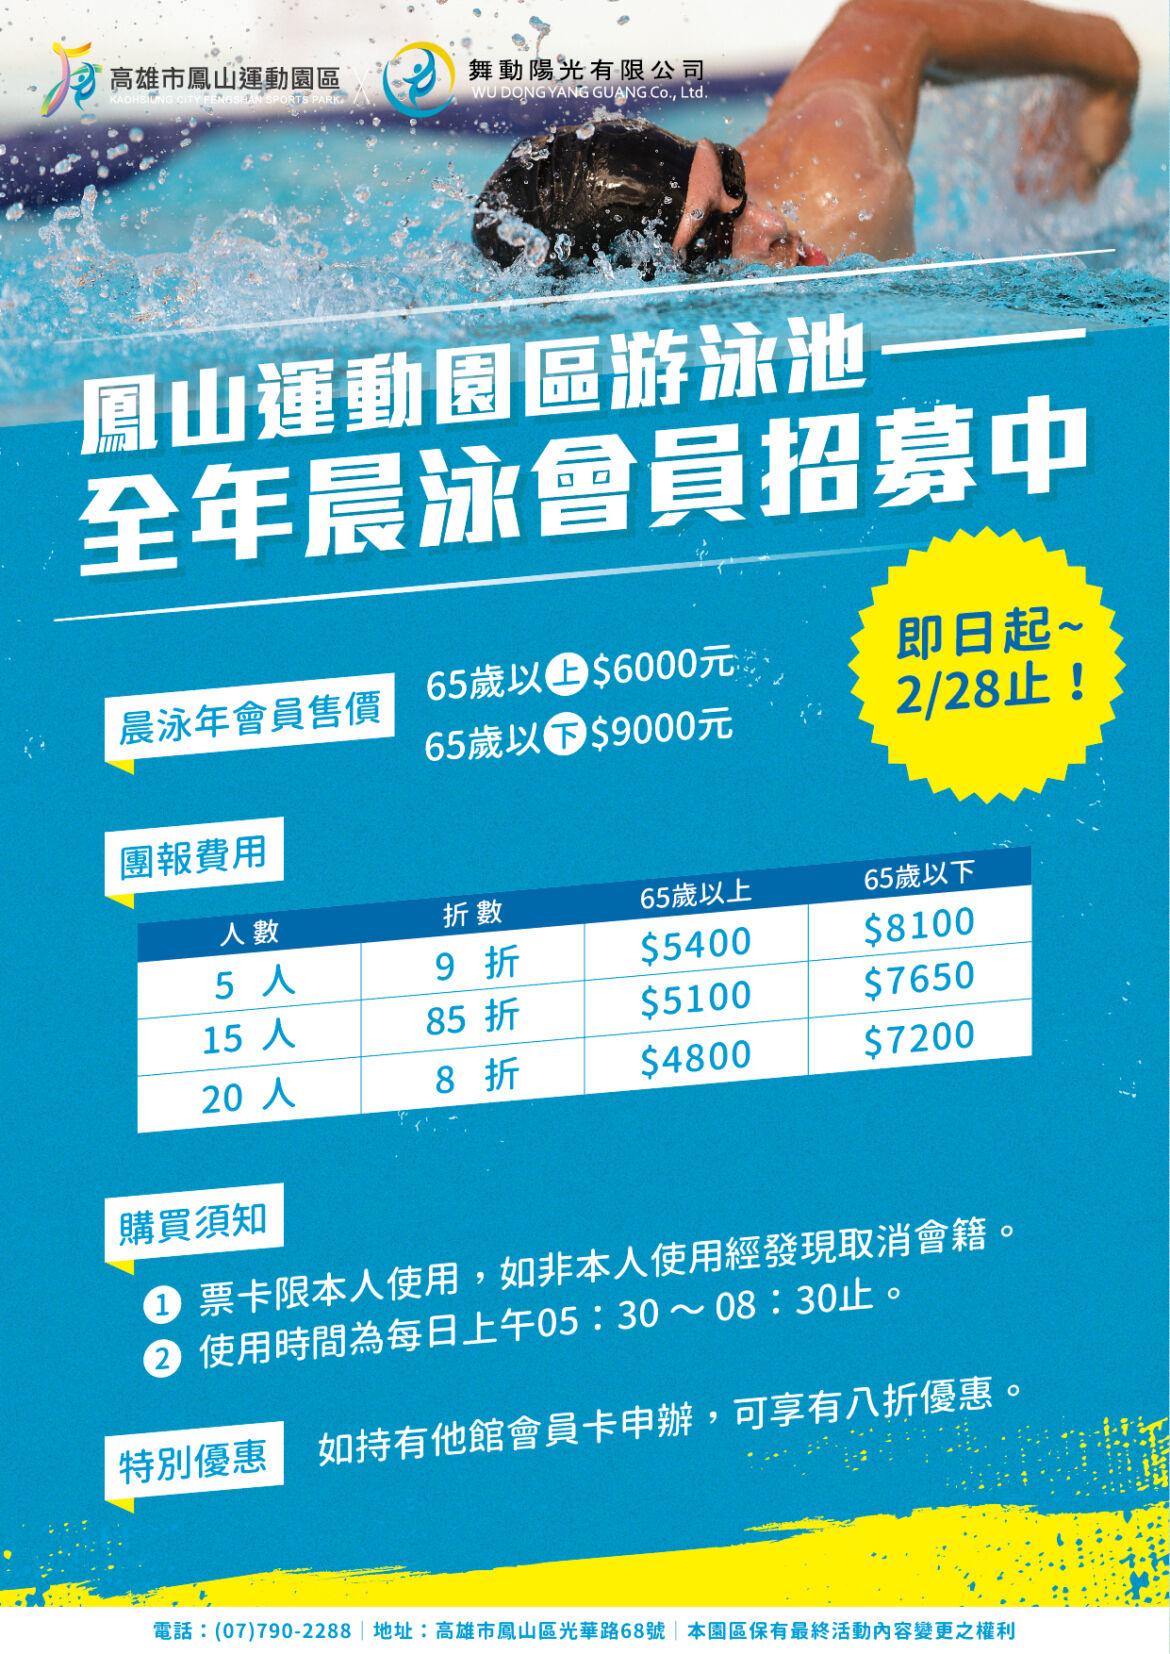 【全年晨泳會員招募中】即日起~2/28!